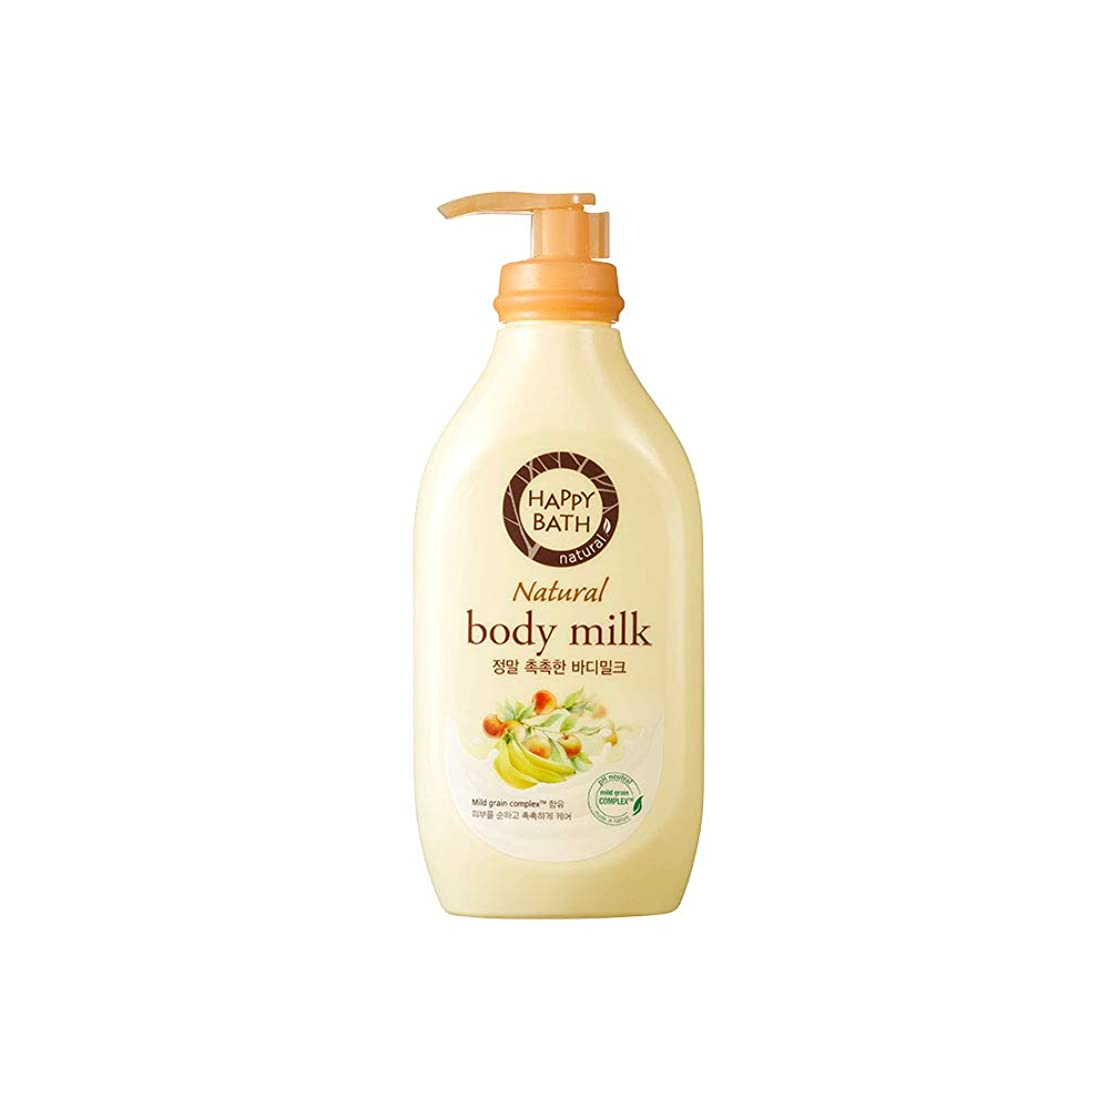 商人新鮮なトライアスリート[HAPPY BATH] ハッピーバス ナチュラルボディミルク しっとりタイプ ボディローション 450ml (moisture body milk 450ml)